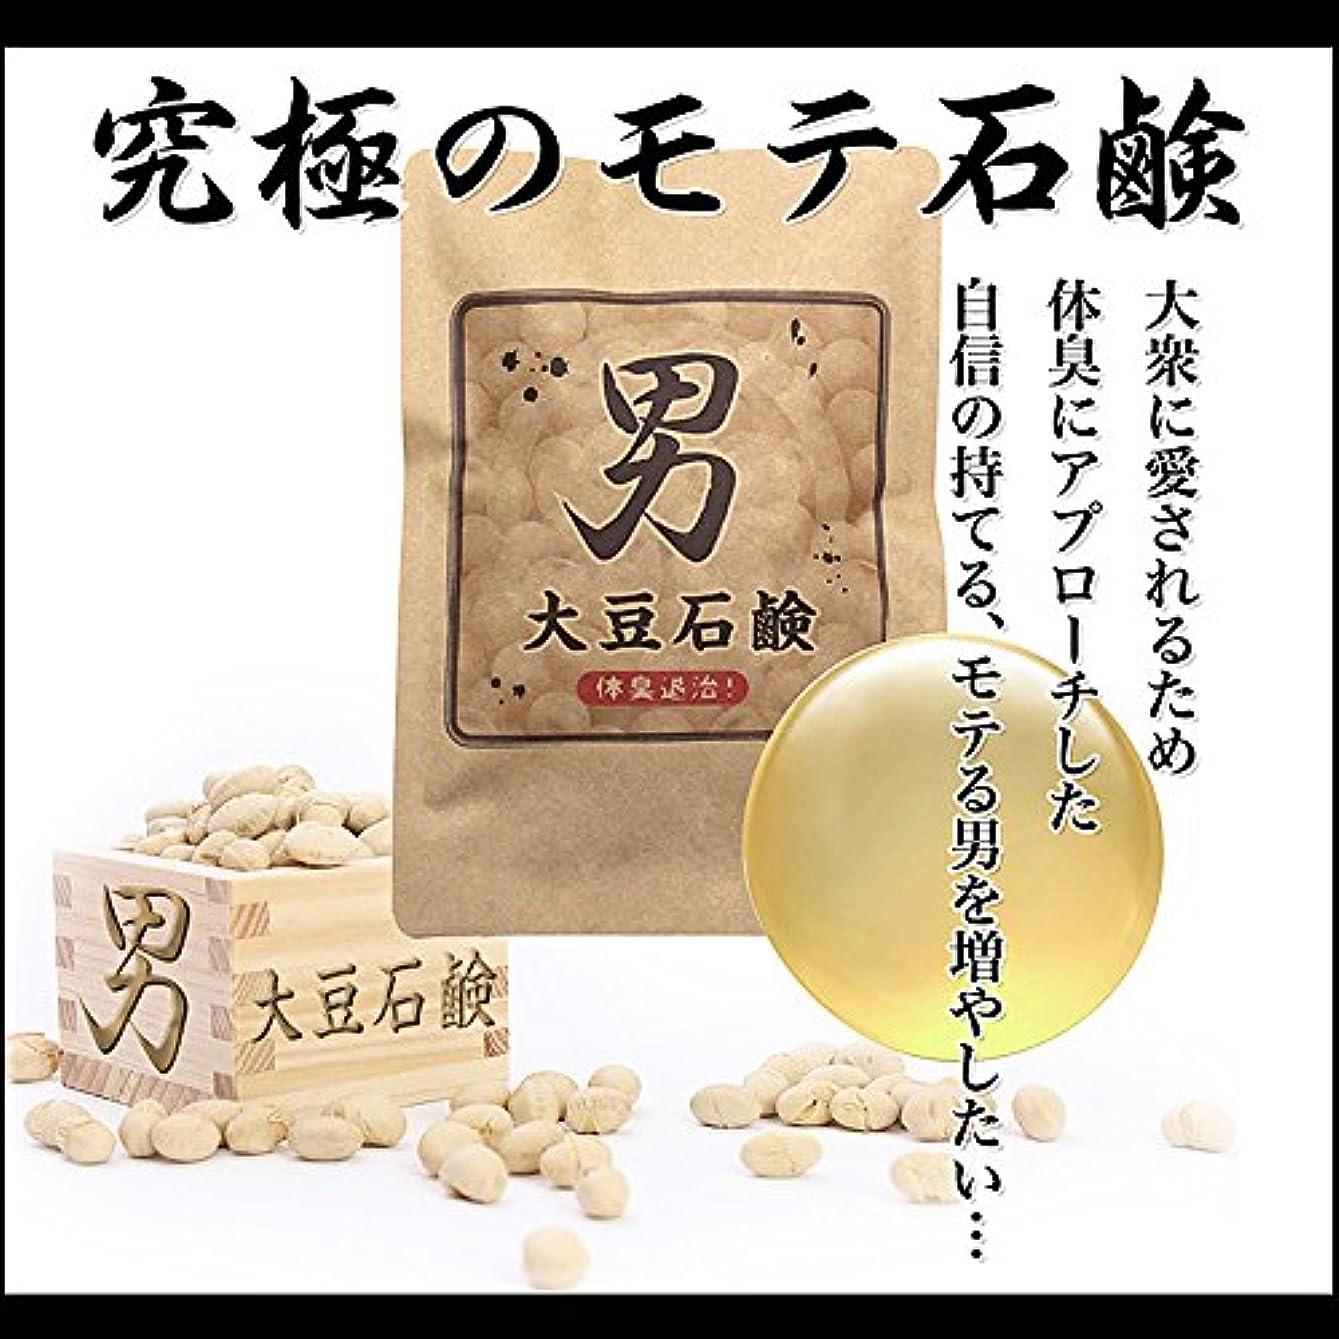 愛情魅力的であることへのアピール略奪男大豆石鹸(セリュードボーテ ピュアソープ)